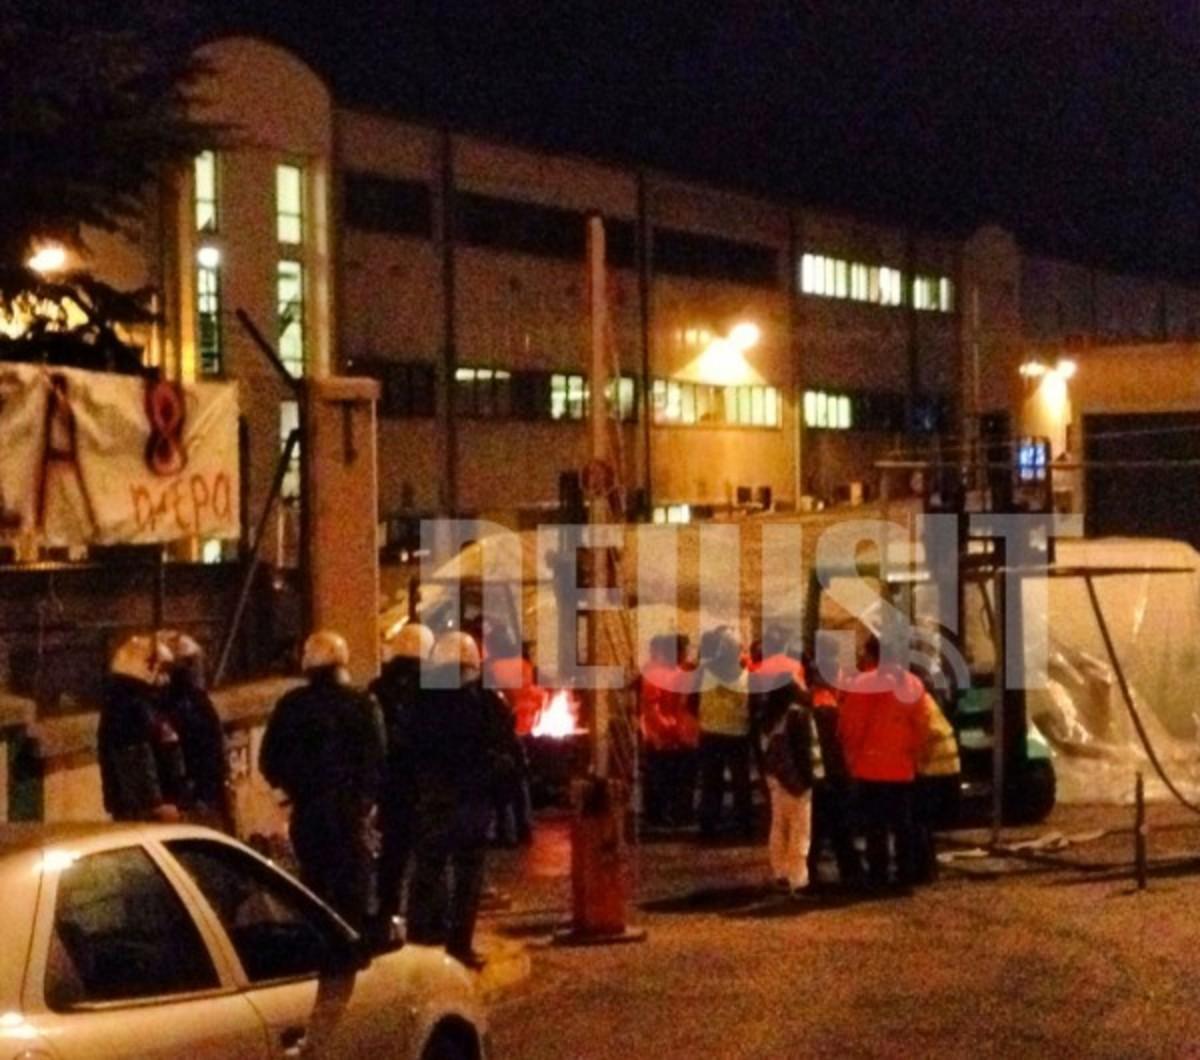 Βίντεο Ντοκουμέντο: Η στιγμή της επέμβασης των ΜΑΤ στο αμαξοστάσιο του ΜΕΤΡΟ στα Σεπόλια! | Newsit.gr